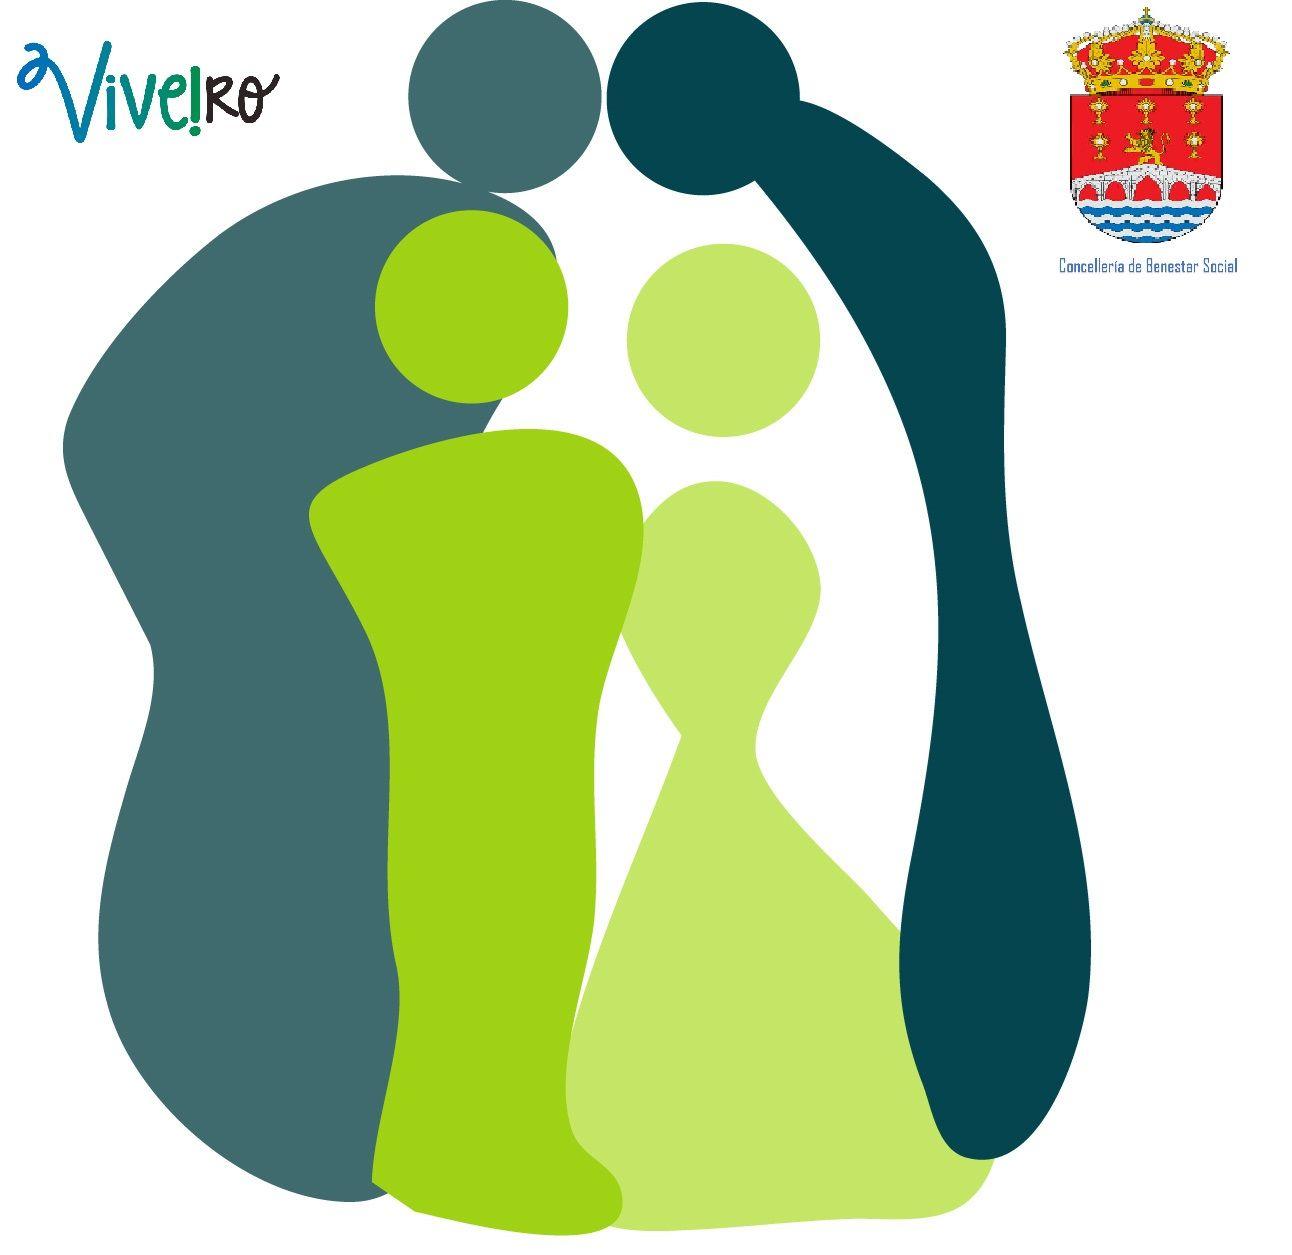 O Concello de Viveiro busca persoas voluntarias para colaborar en diversos proxectos sociais